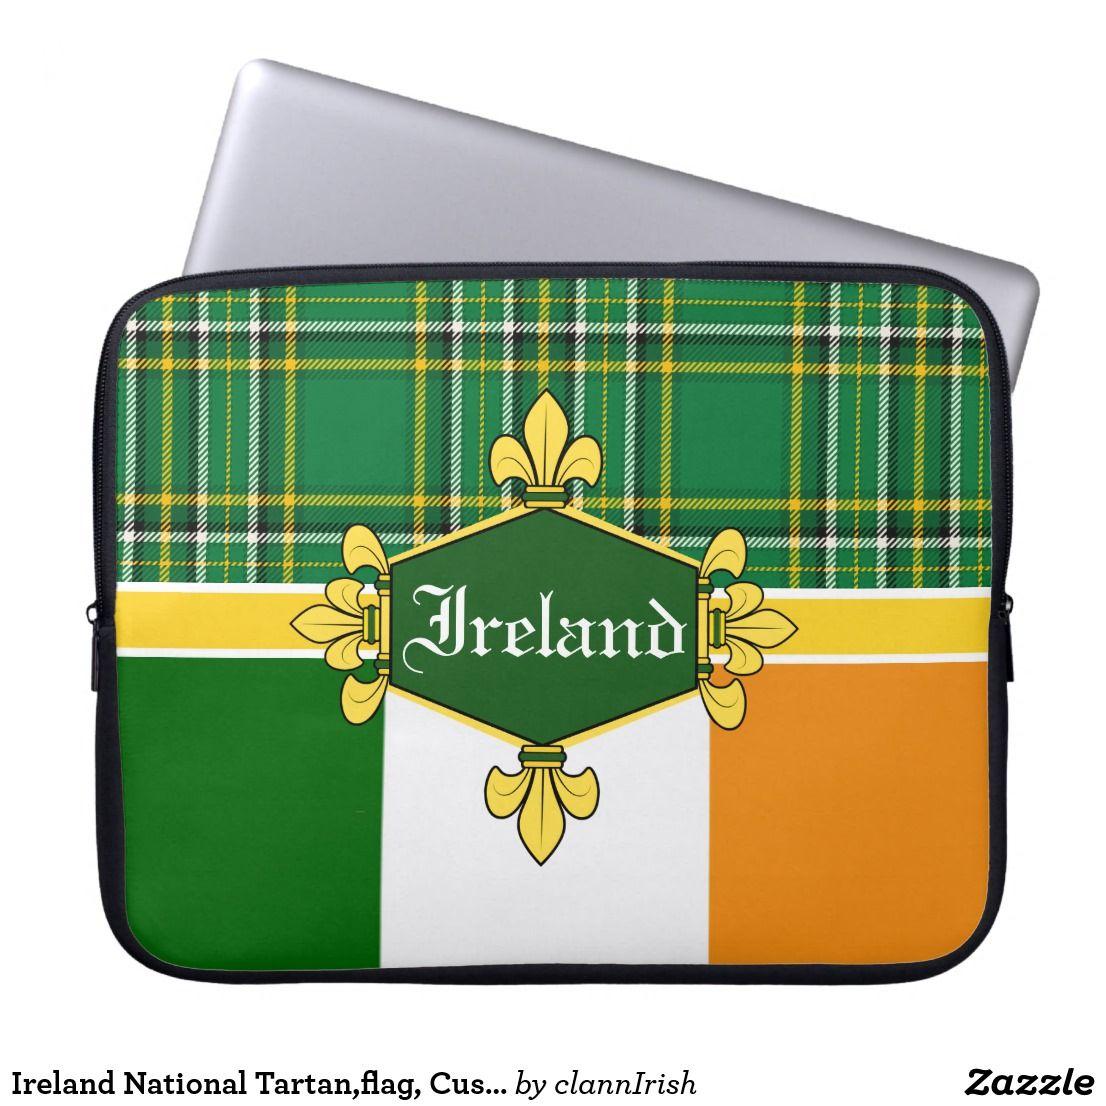 Ireland National Tartan,flag, Customize with name Laptop